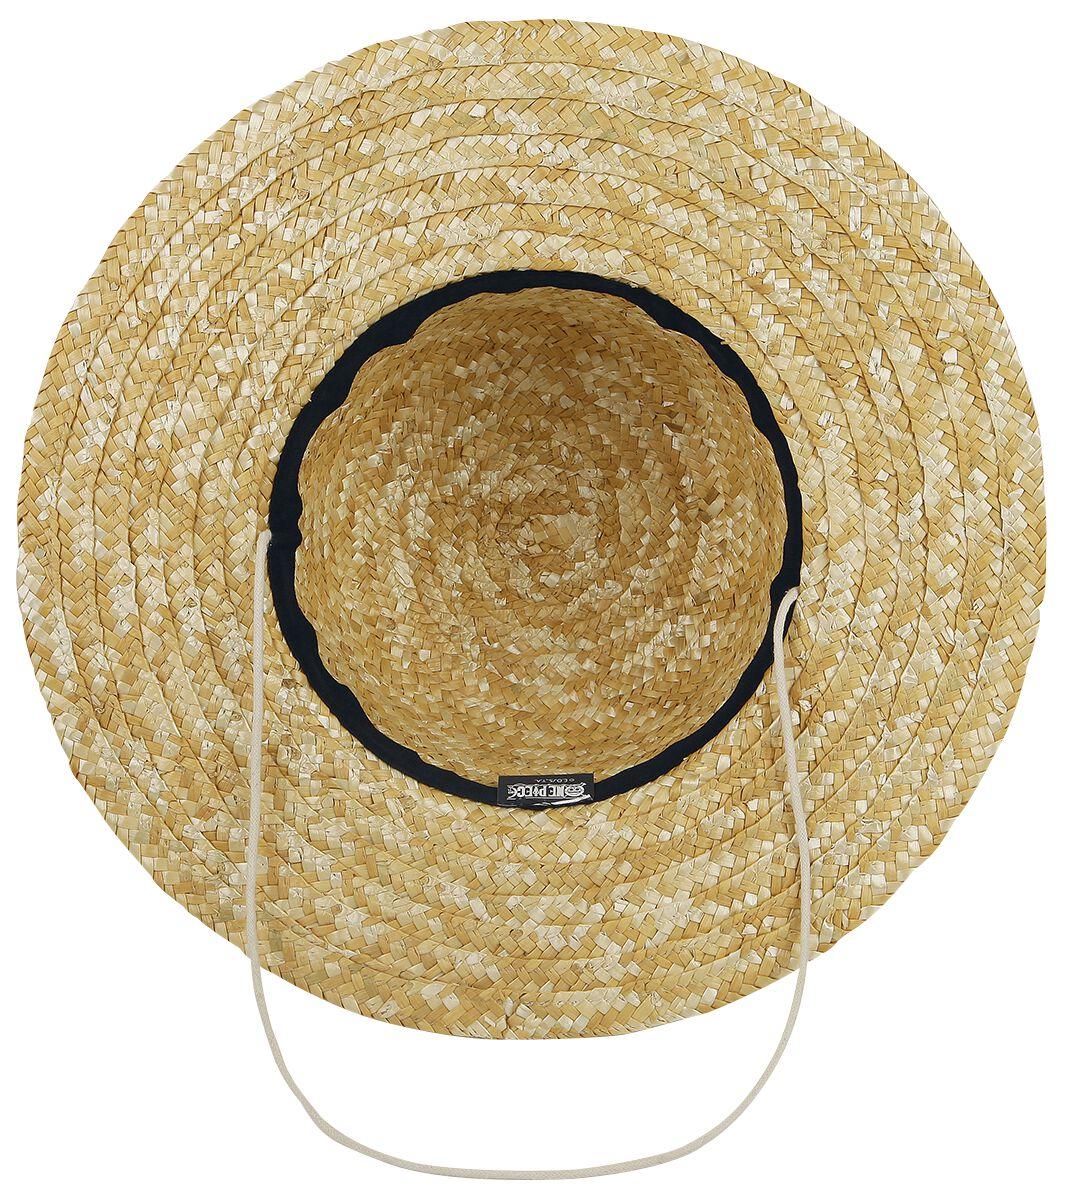 One Piece. Back. Luffy Straw Hat b78849aca01